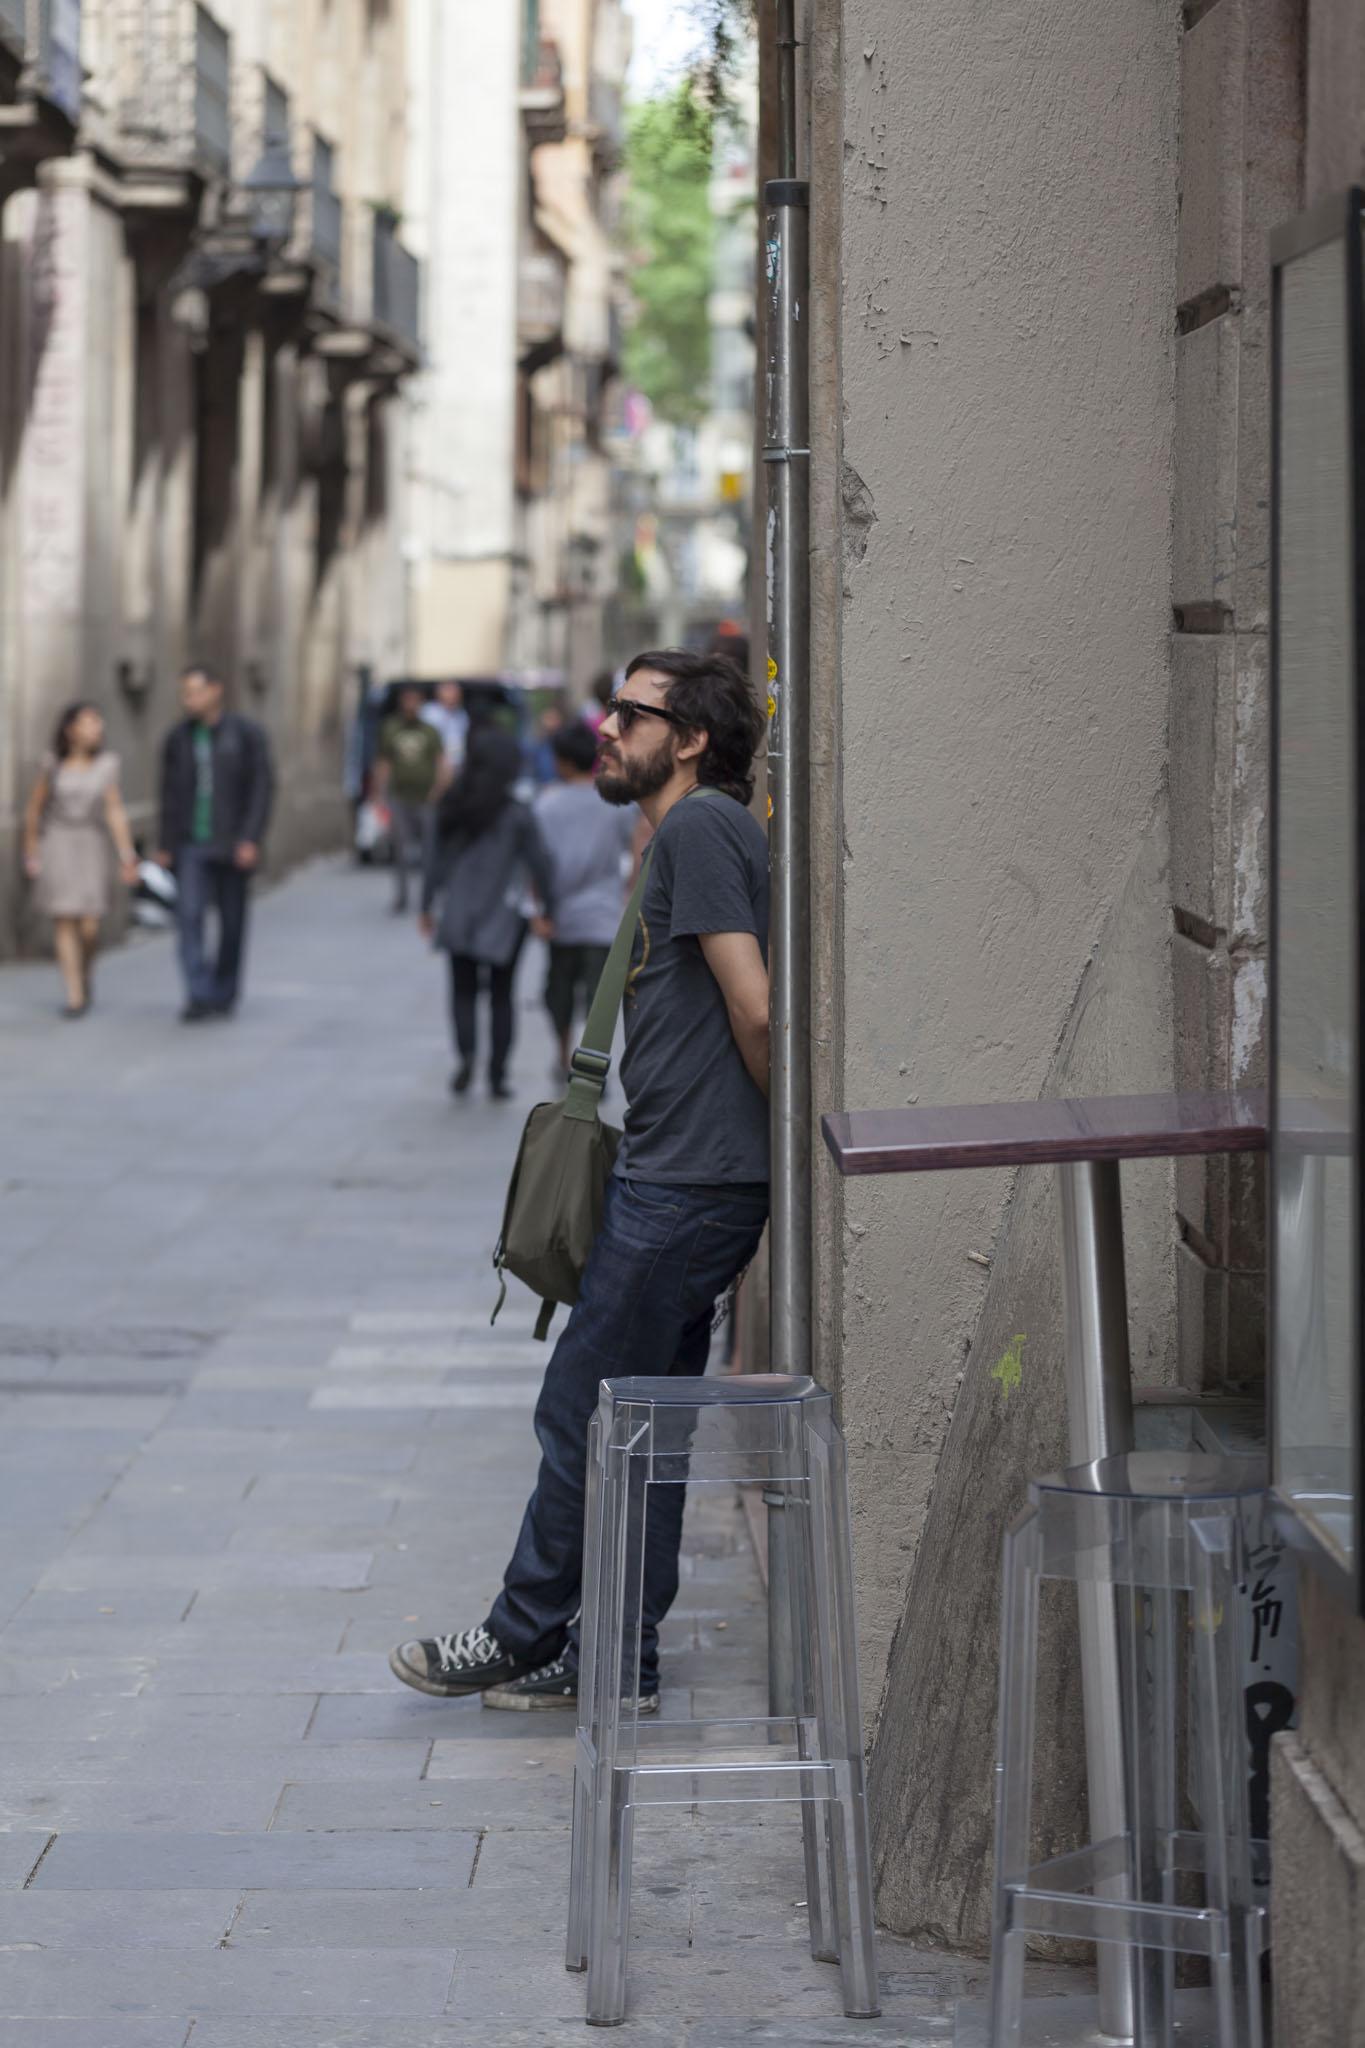 Barcelona, Carrer dels Tallers